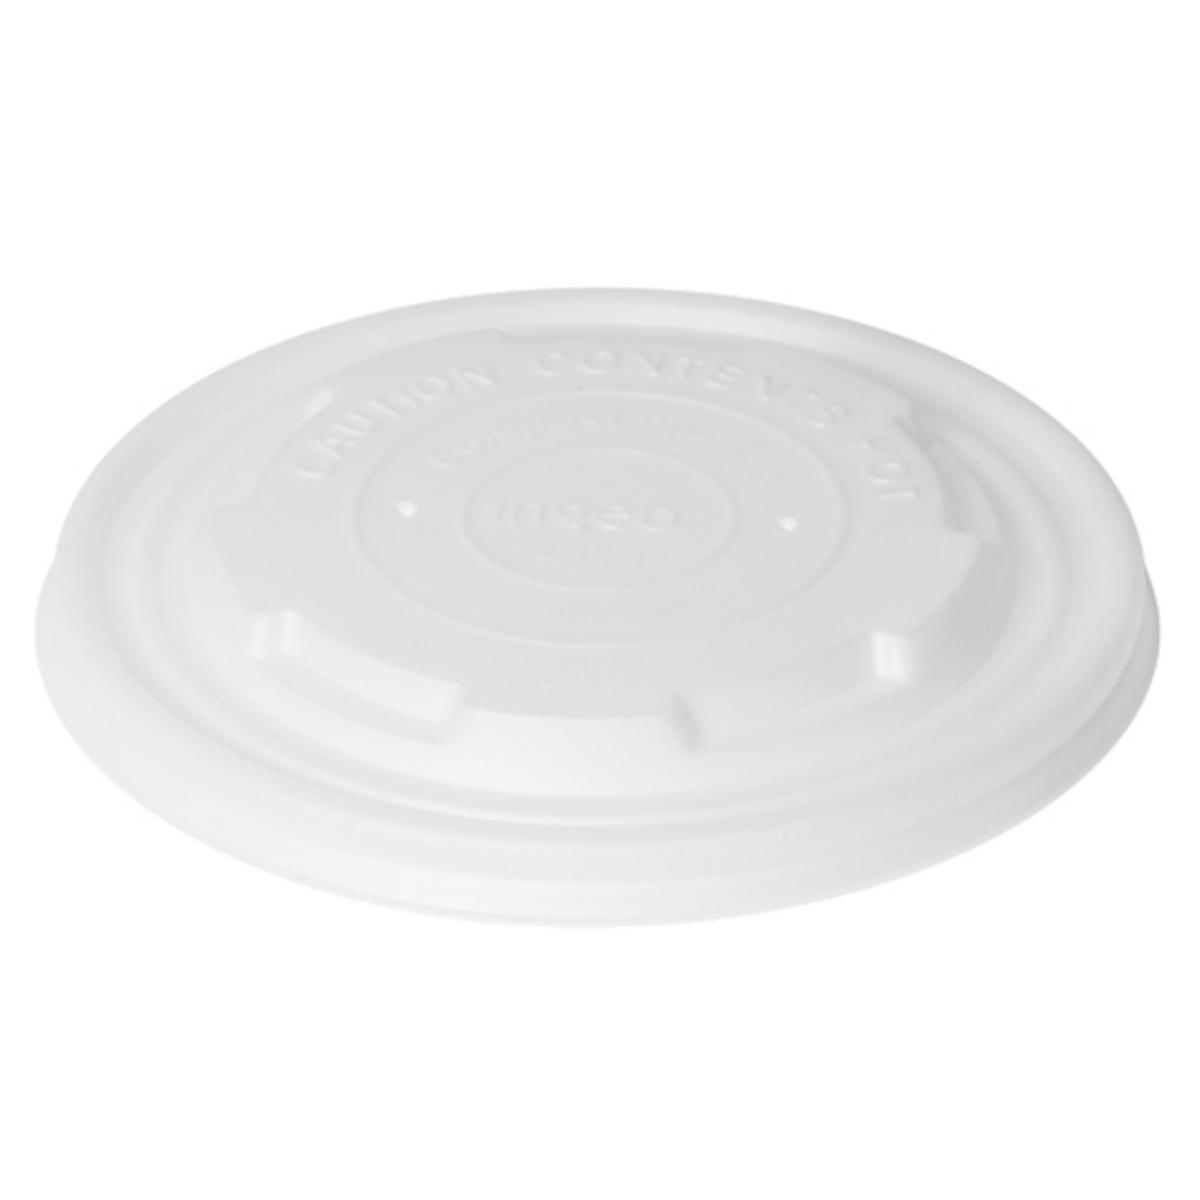 Couvercle pour bol 40/55/95cl rond blanc Ø 12 cm Duni (50 pièces)